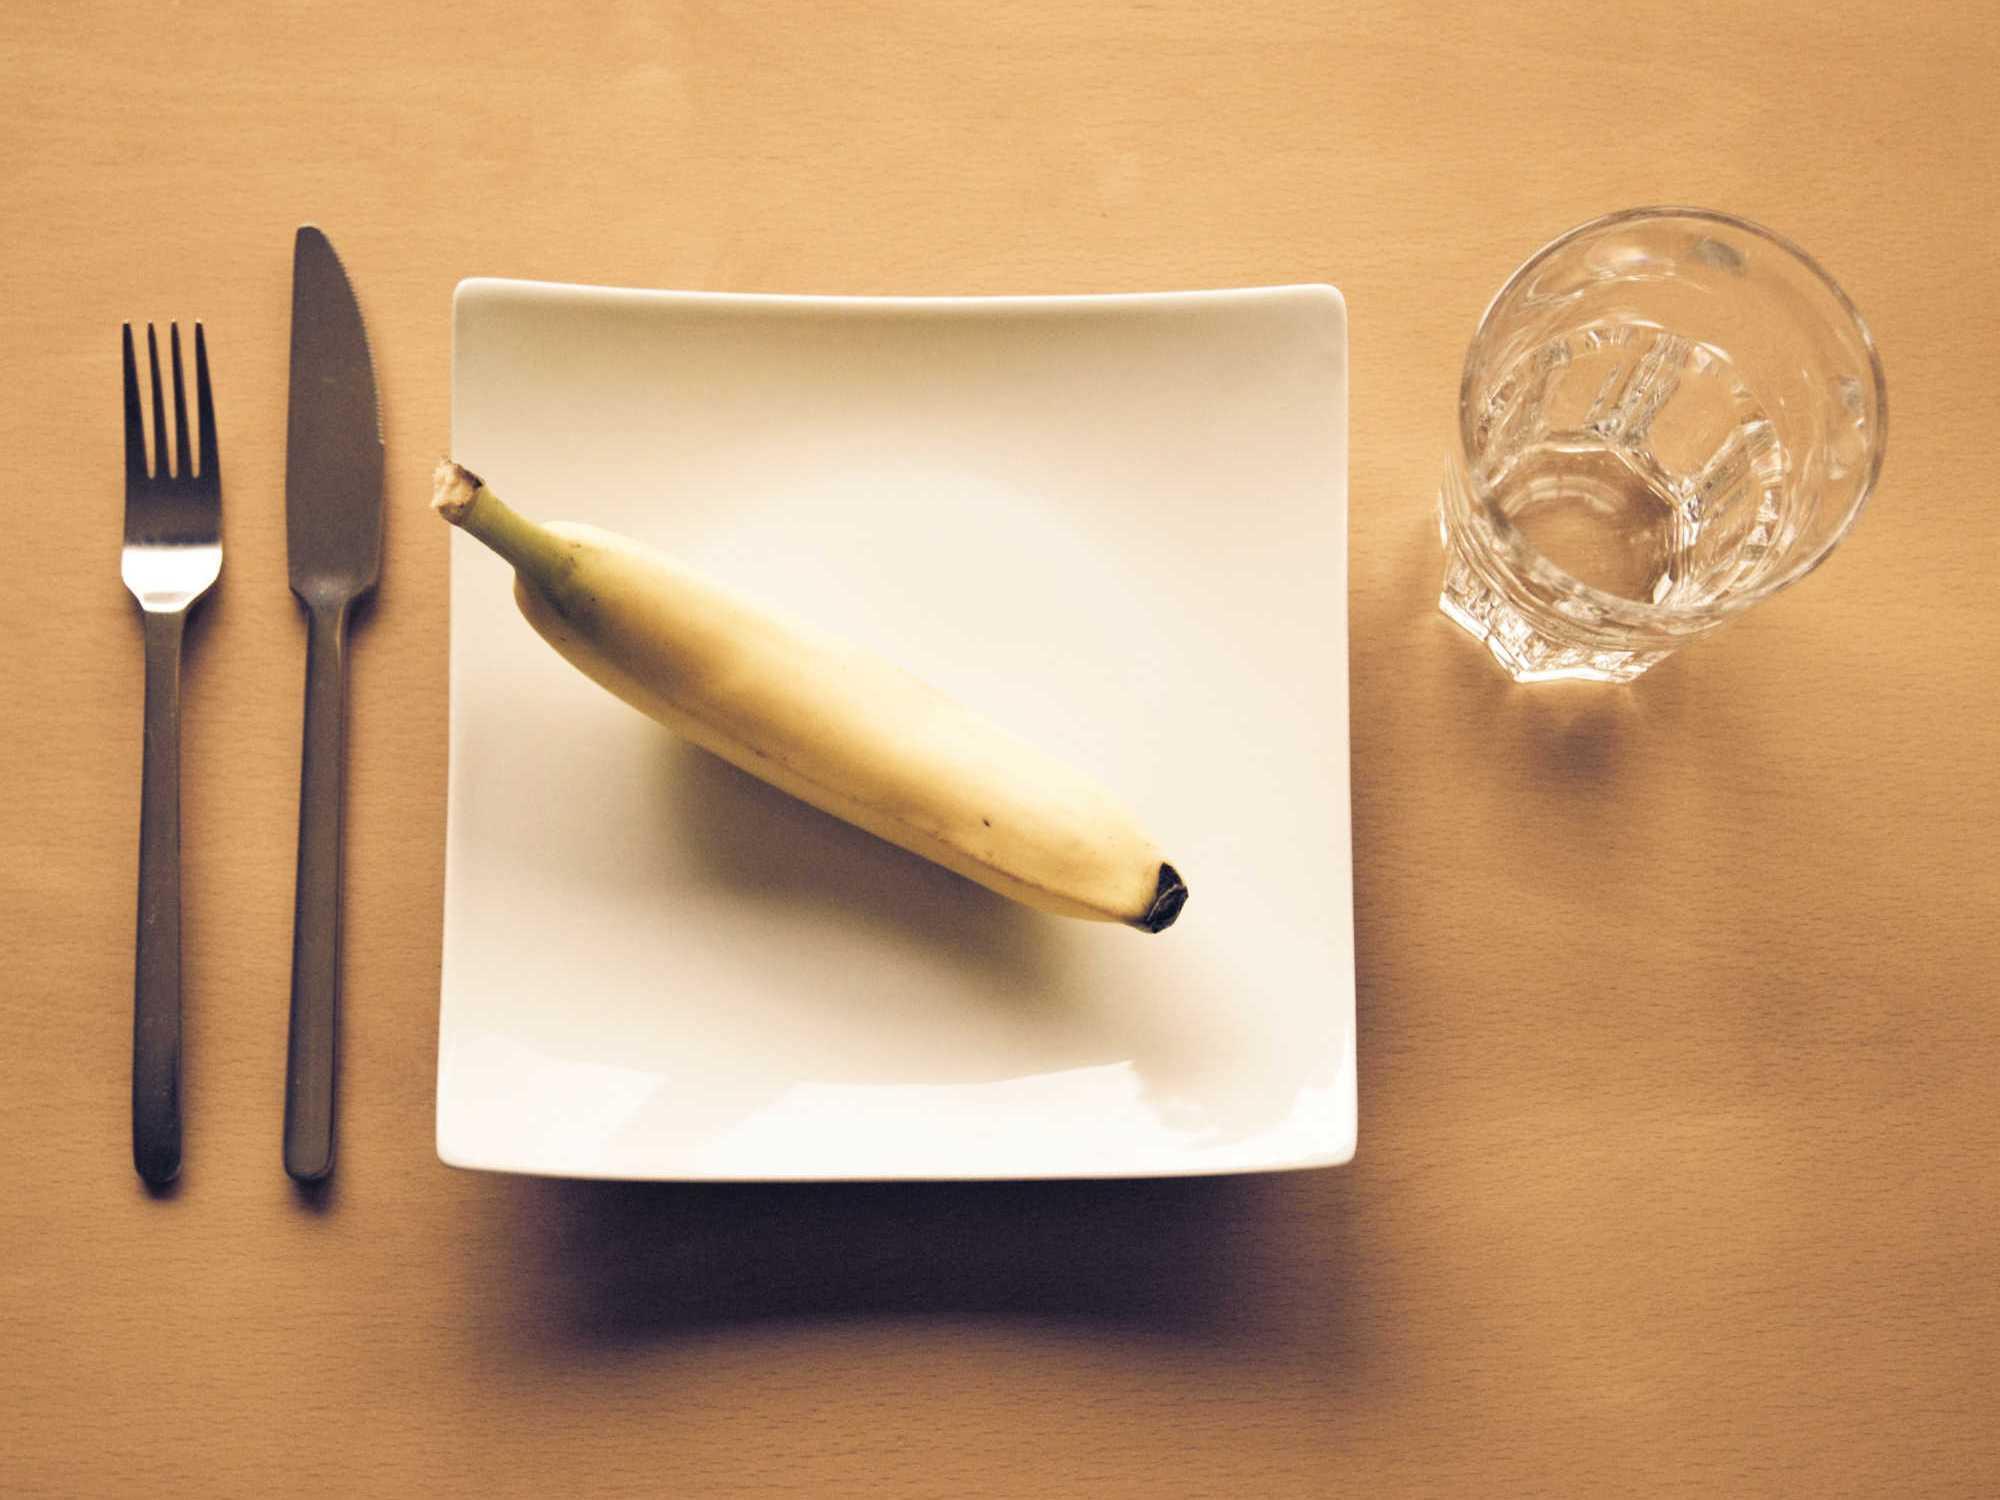 Réduire l'apport en glucides régule la glycémie des diabétiques de type 2